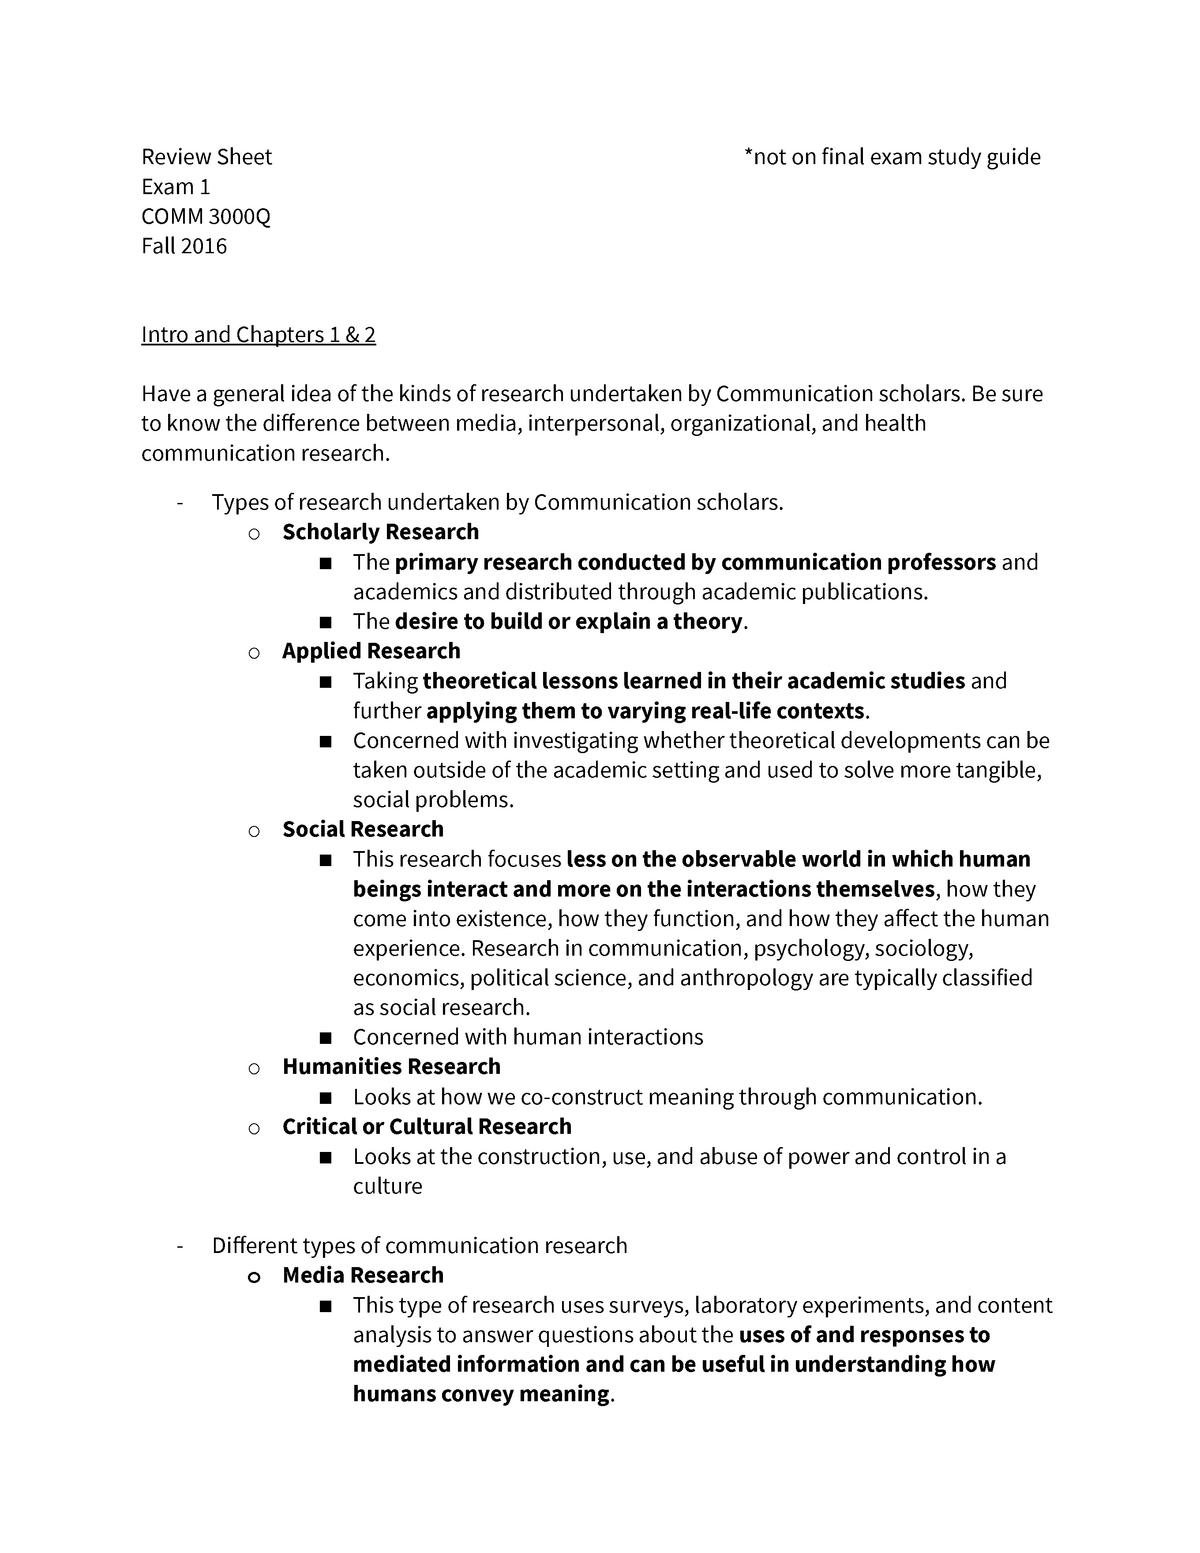 Exam #1 & 2 Review sheet - Comm 3000Q EXAM 1&2 Guide - StuDocu